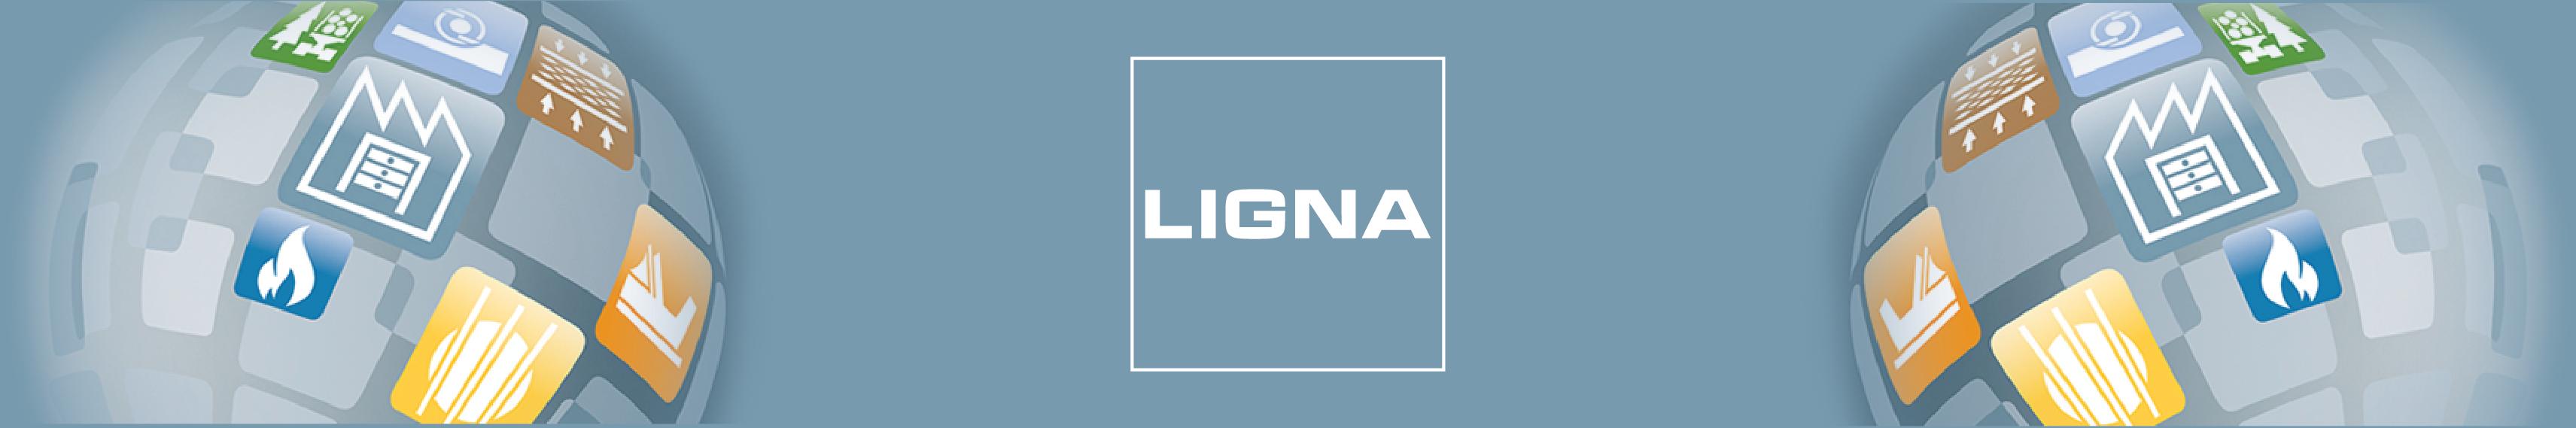 ligna_2015.png